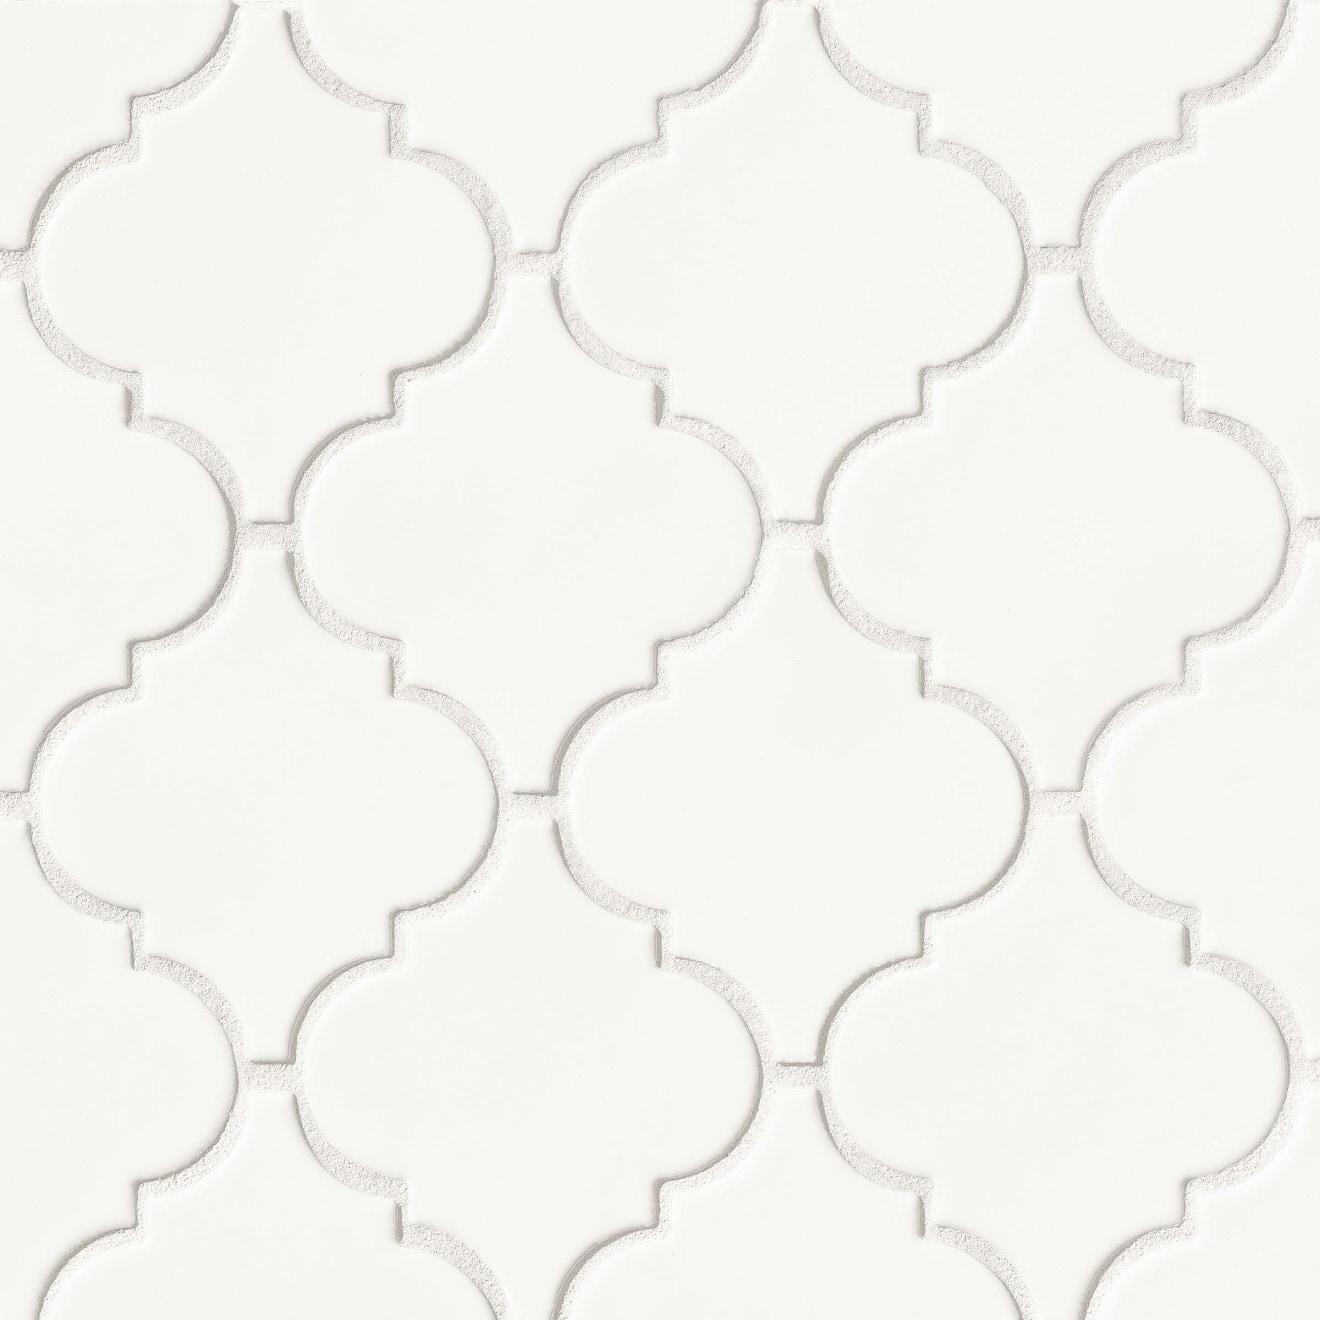 """Costa Allegra 5-1/4"""" x 4-5/8"""" Floor & Wall Mosaic in White Sand"""